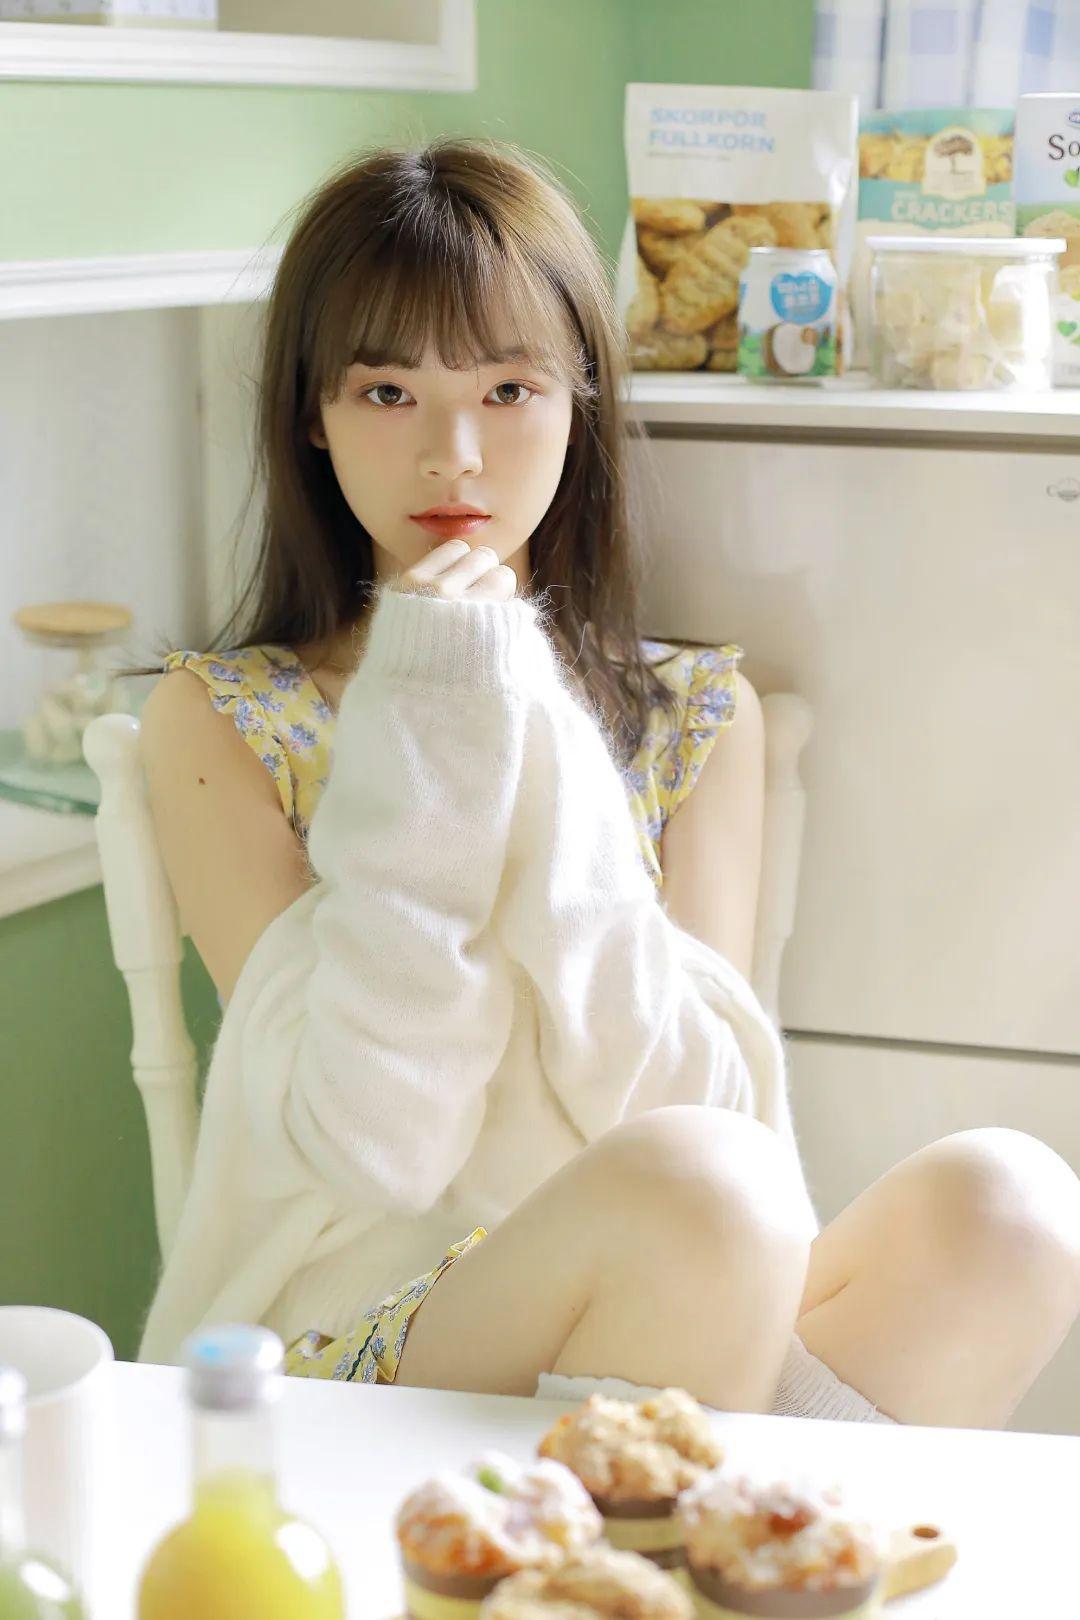 妹子摄影 – 青春少女白色小腿袜_图片 No.1